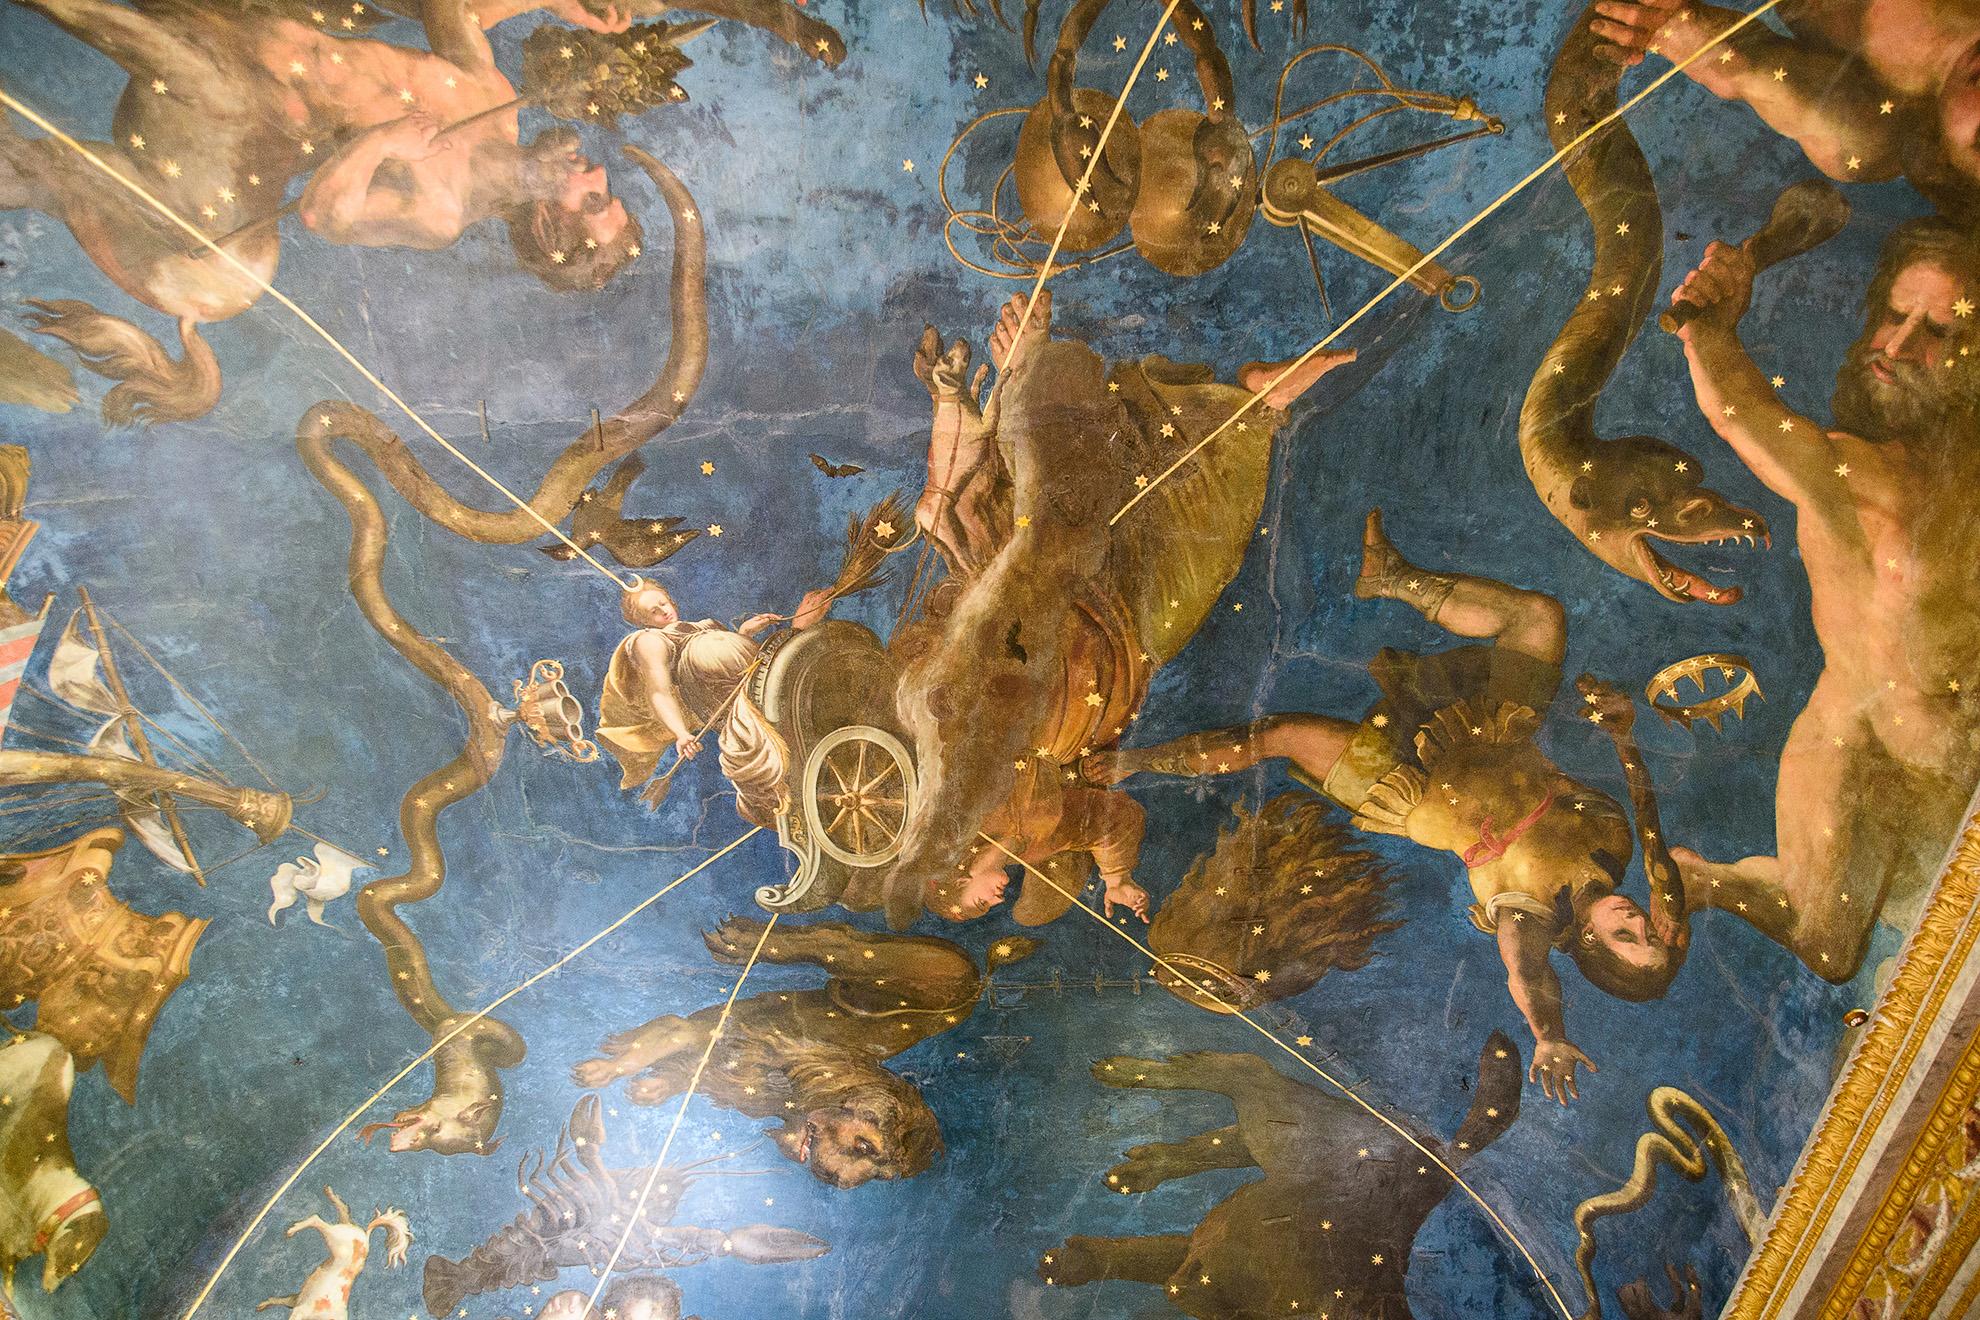 Gwiazdozbiór na suficie w Palazzo Ducale - Mantua